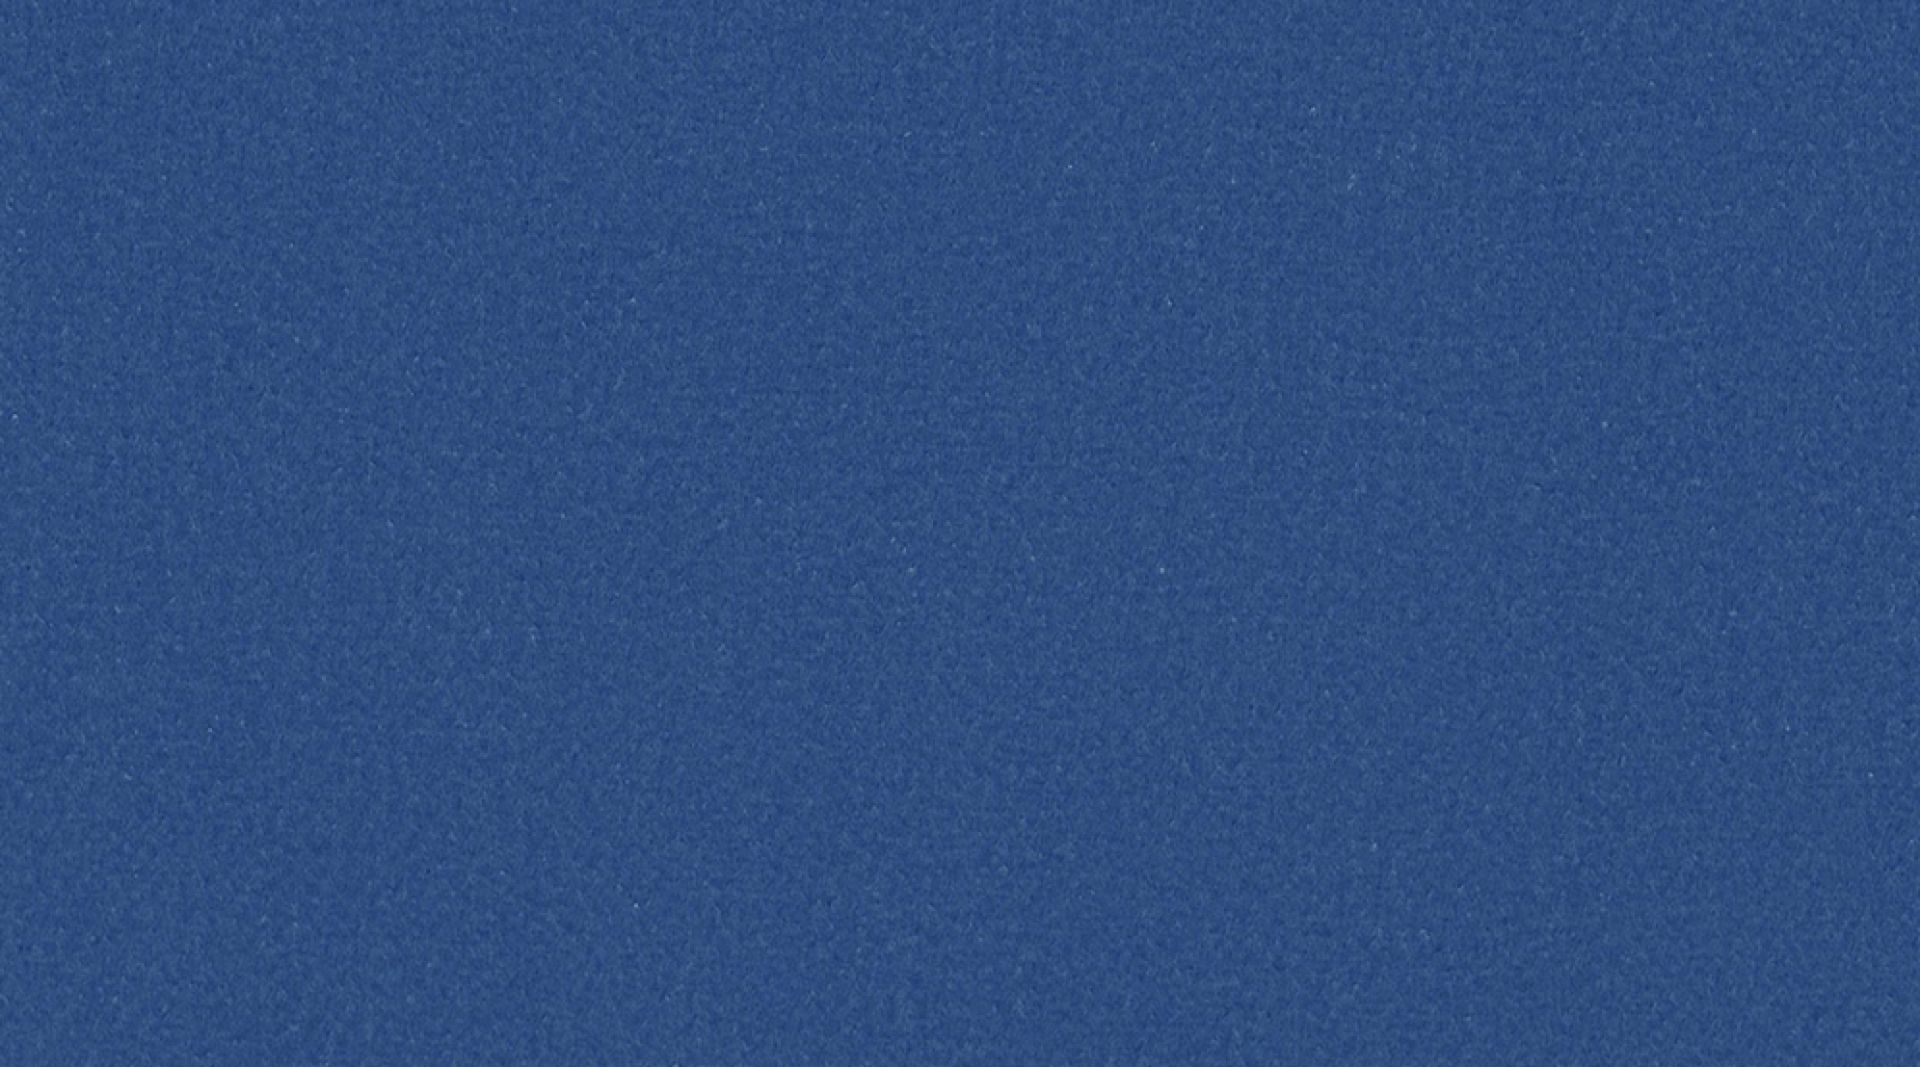 0838 dark blue